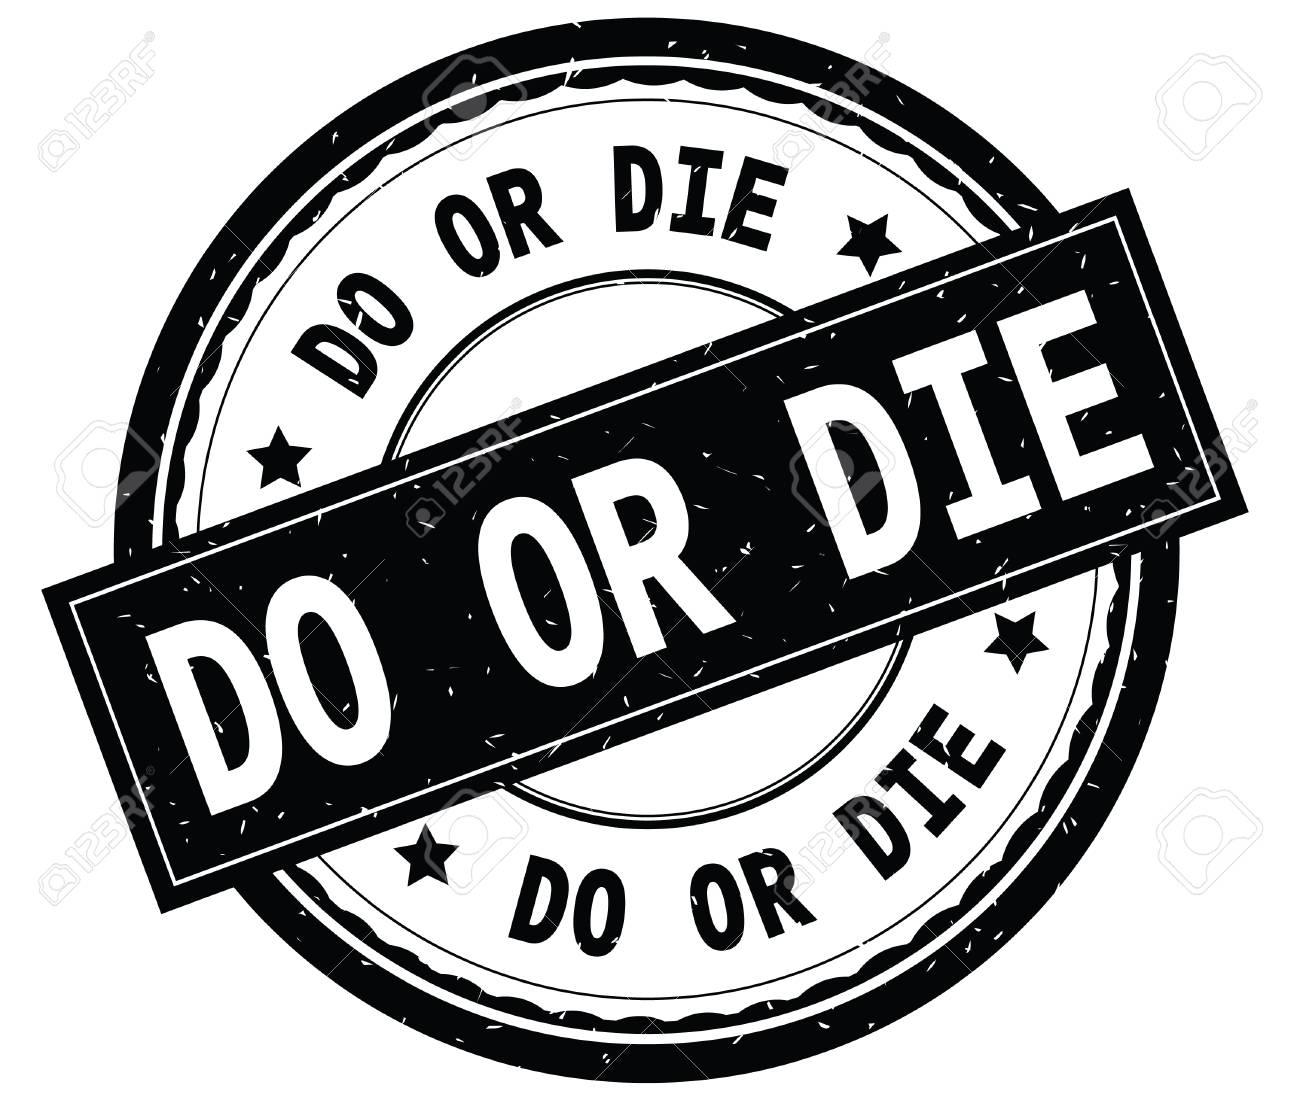 do or die written text on black round rubber vintage textured